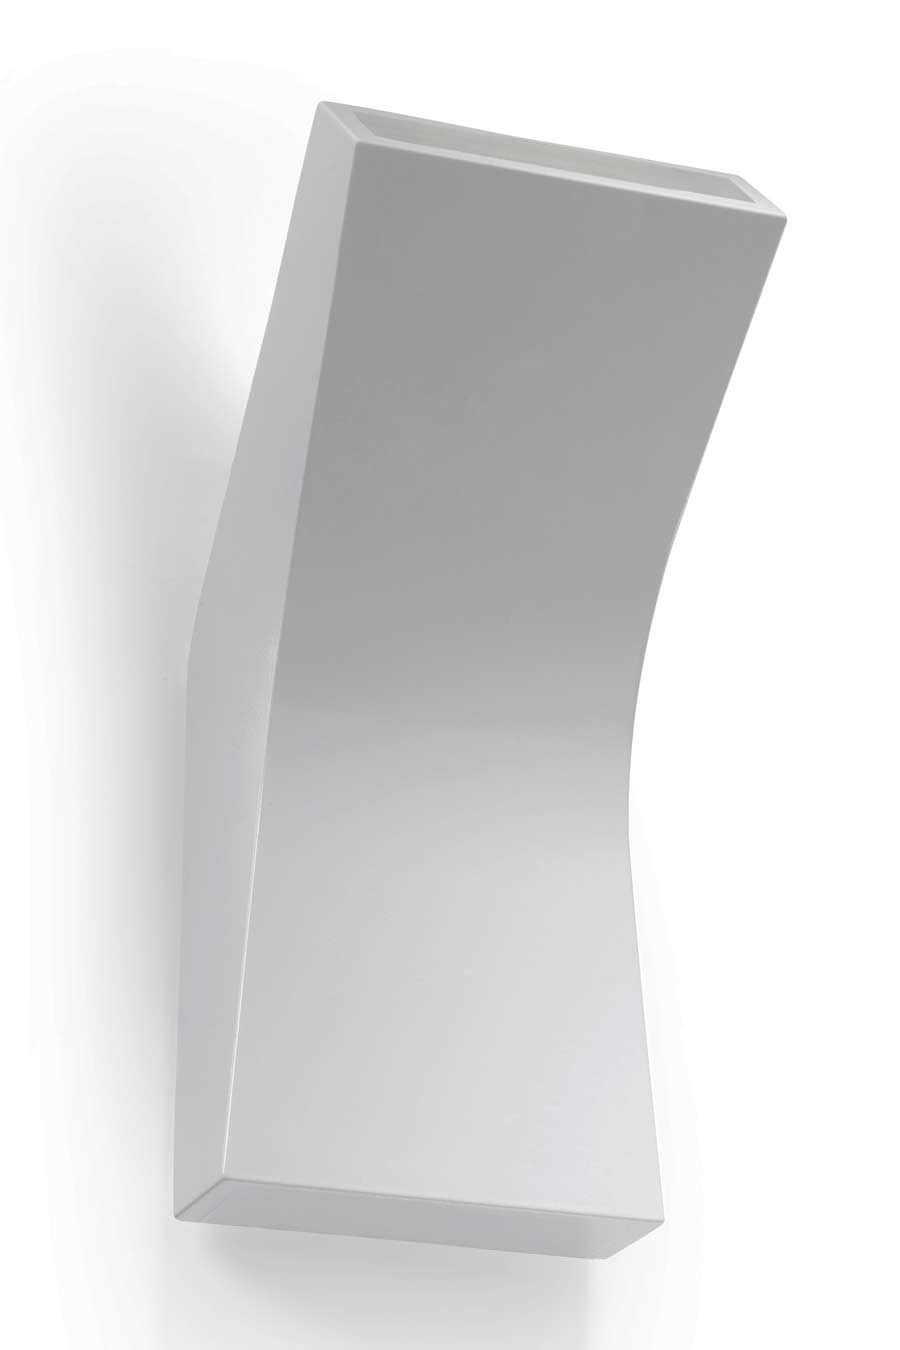 Bend applique LED blanche design incurvé. Leds C4.